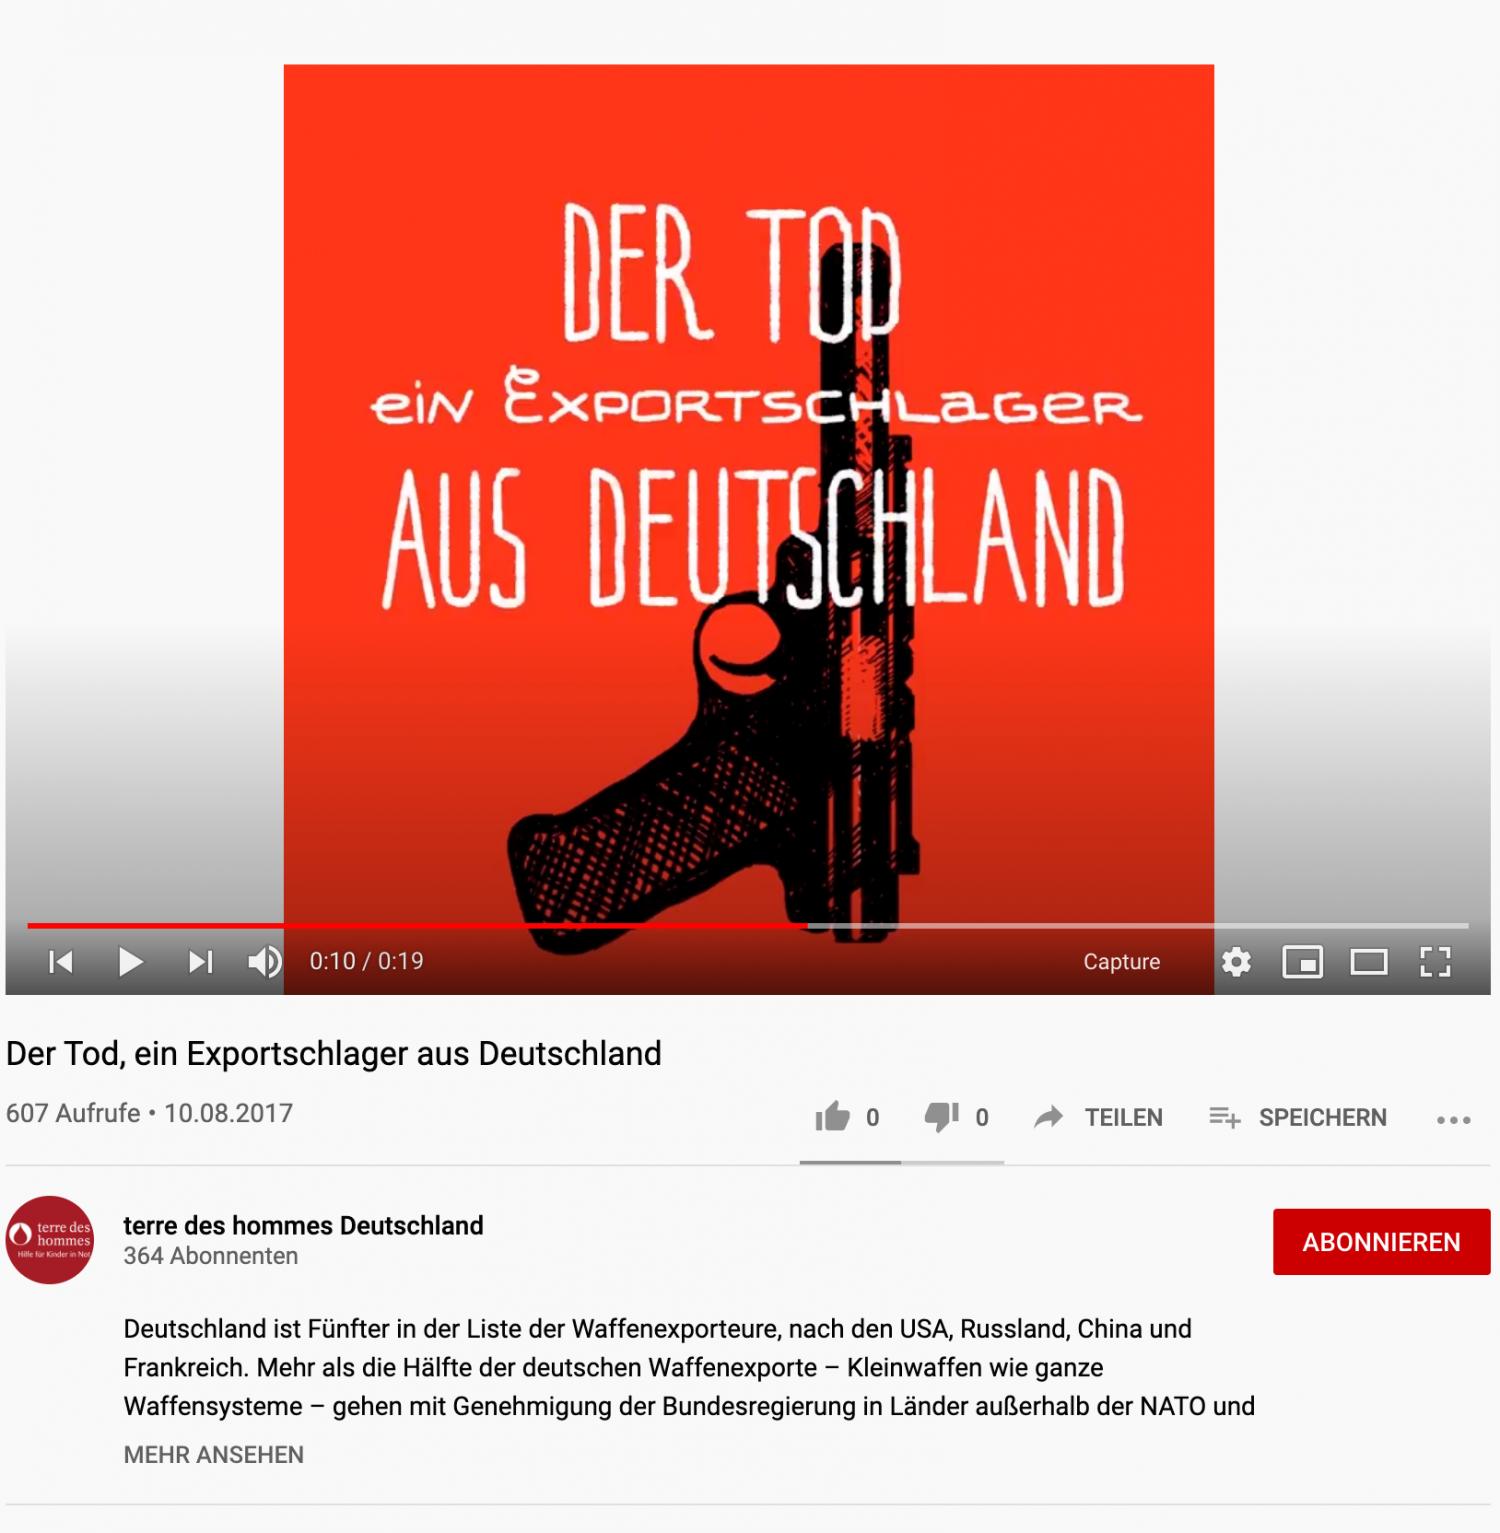 Abb.2, Kampagne zum Stopp von Waffenexporten von terres des hommes Deutschland